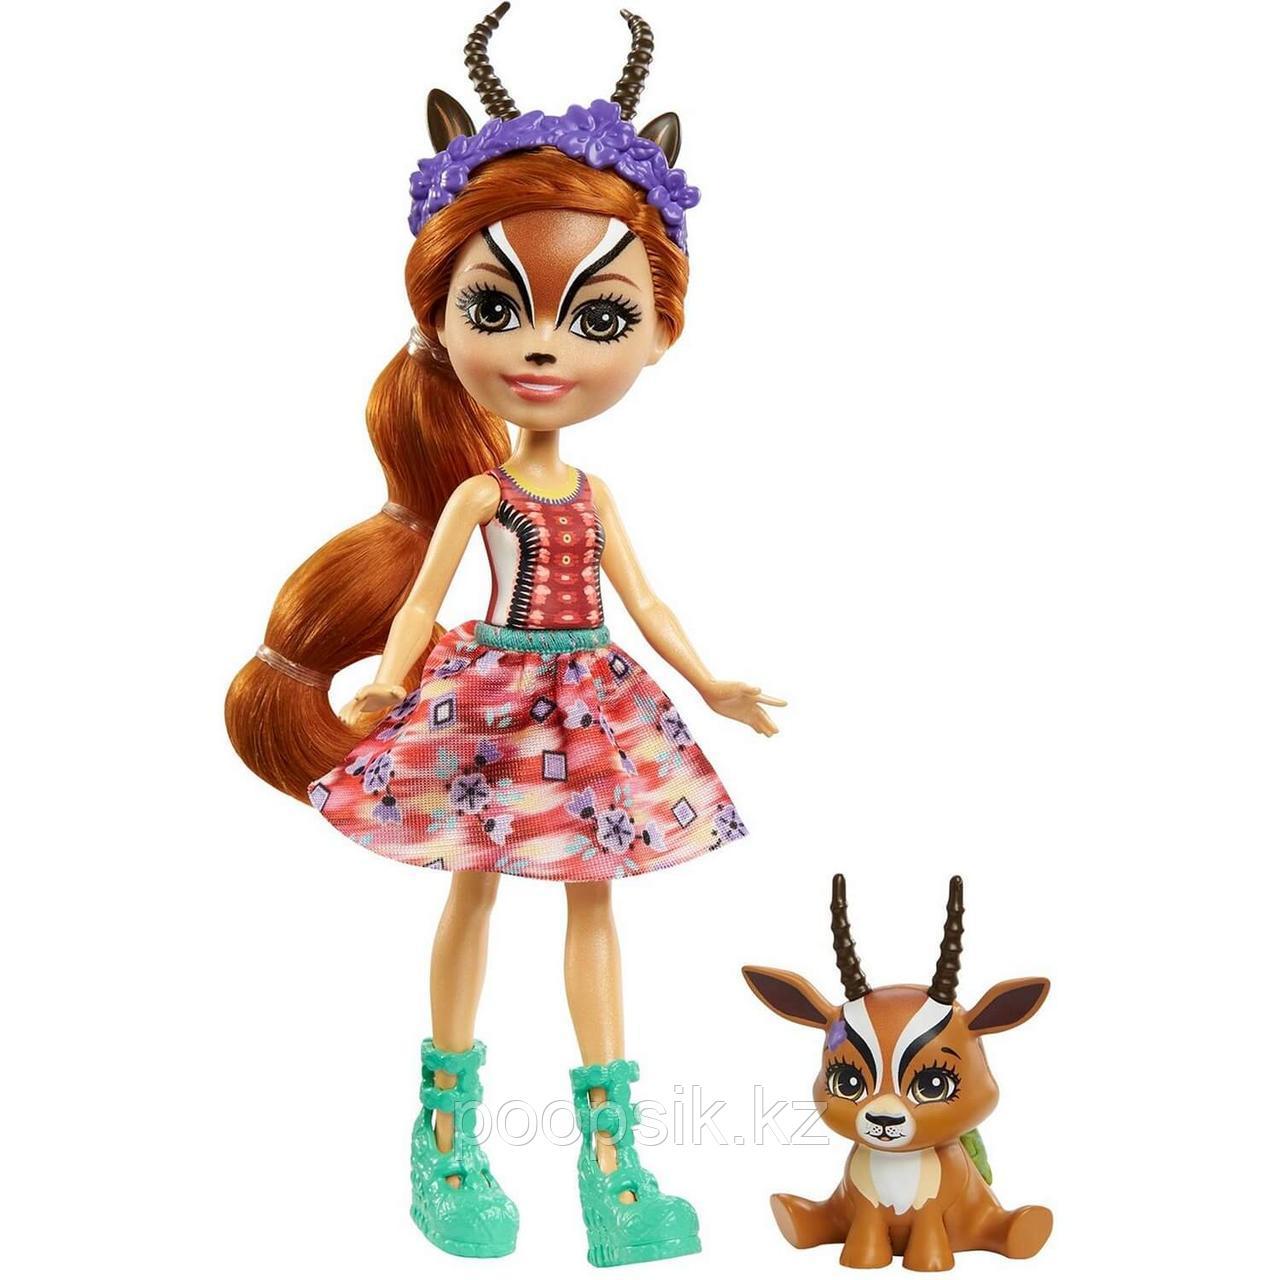 Кукла Enchantimals Газель Габриелла и питомец Рейсер - фото 1